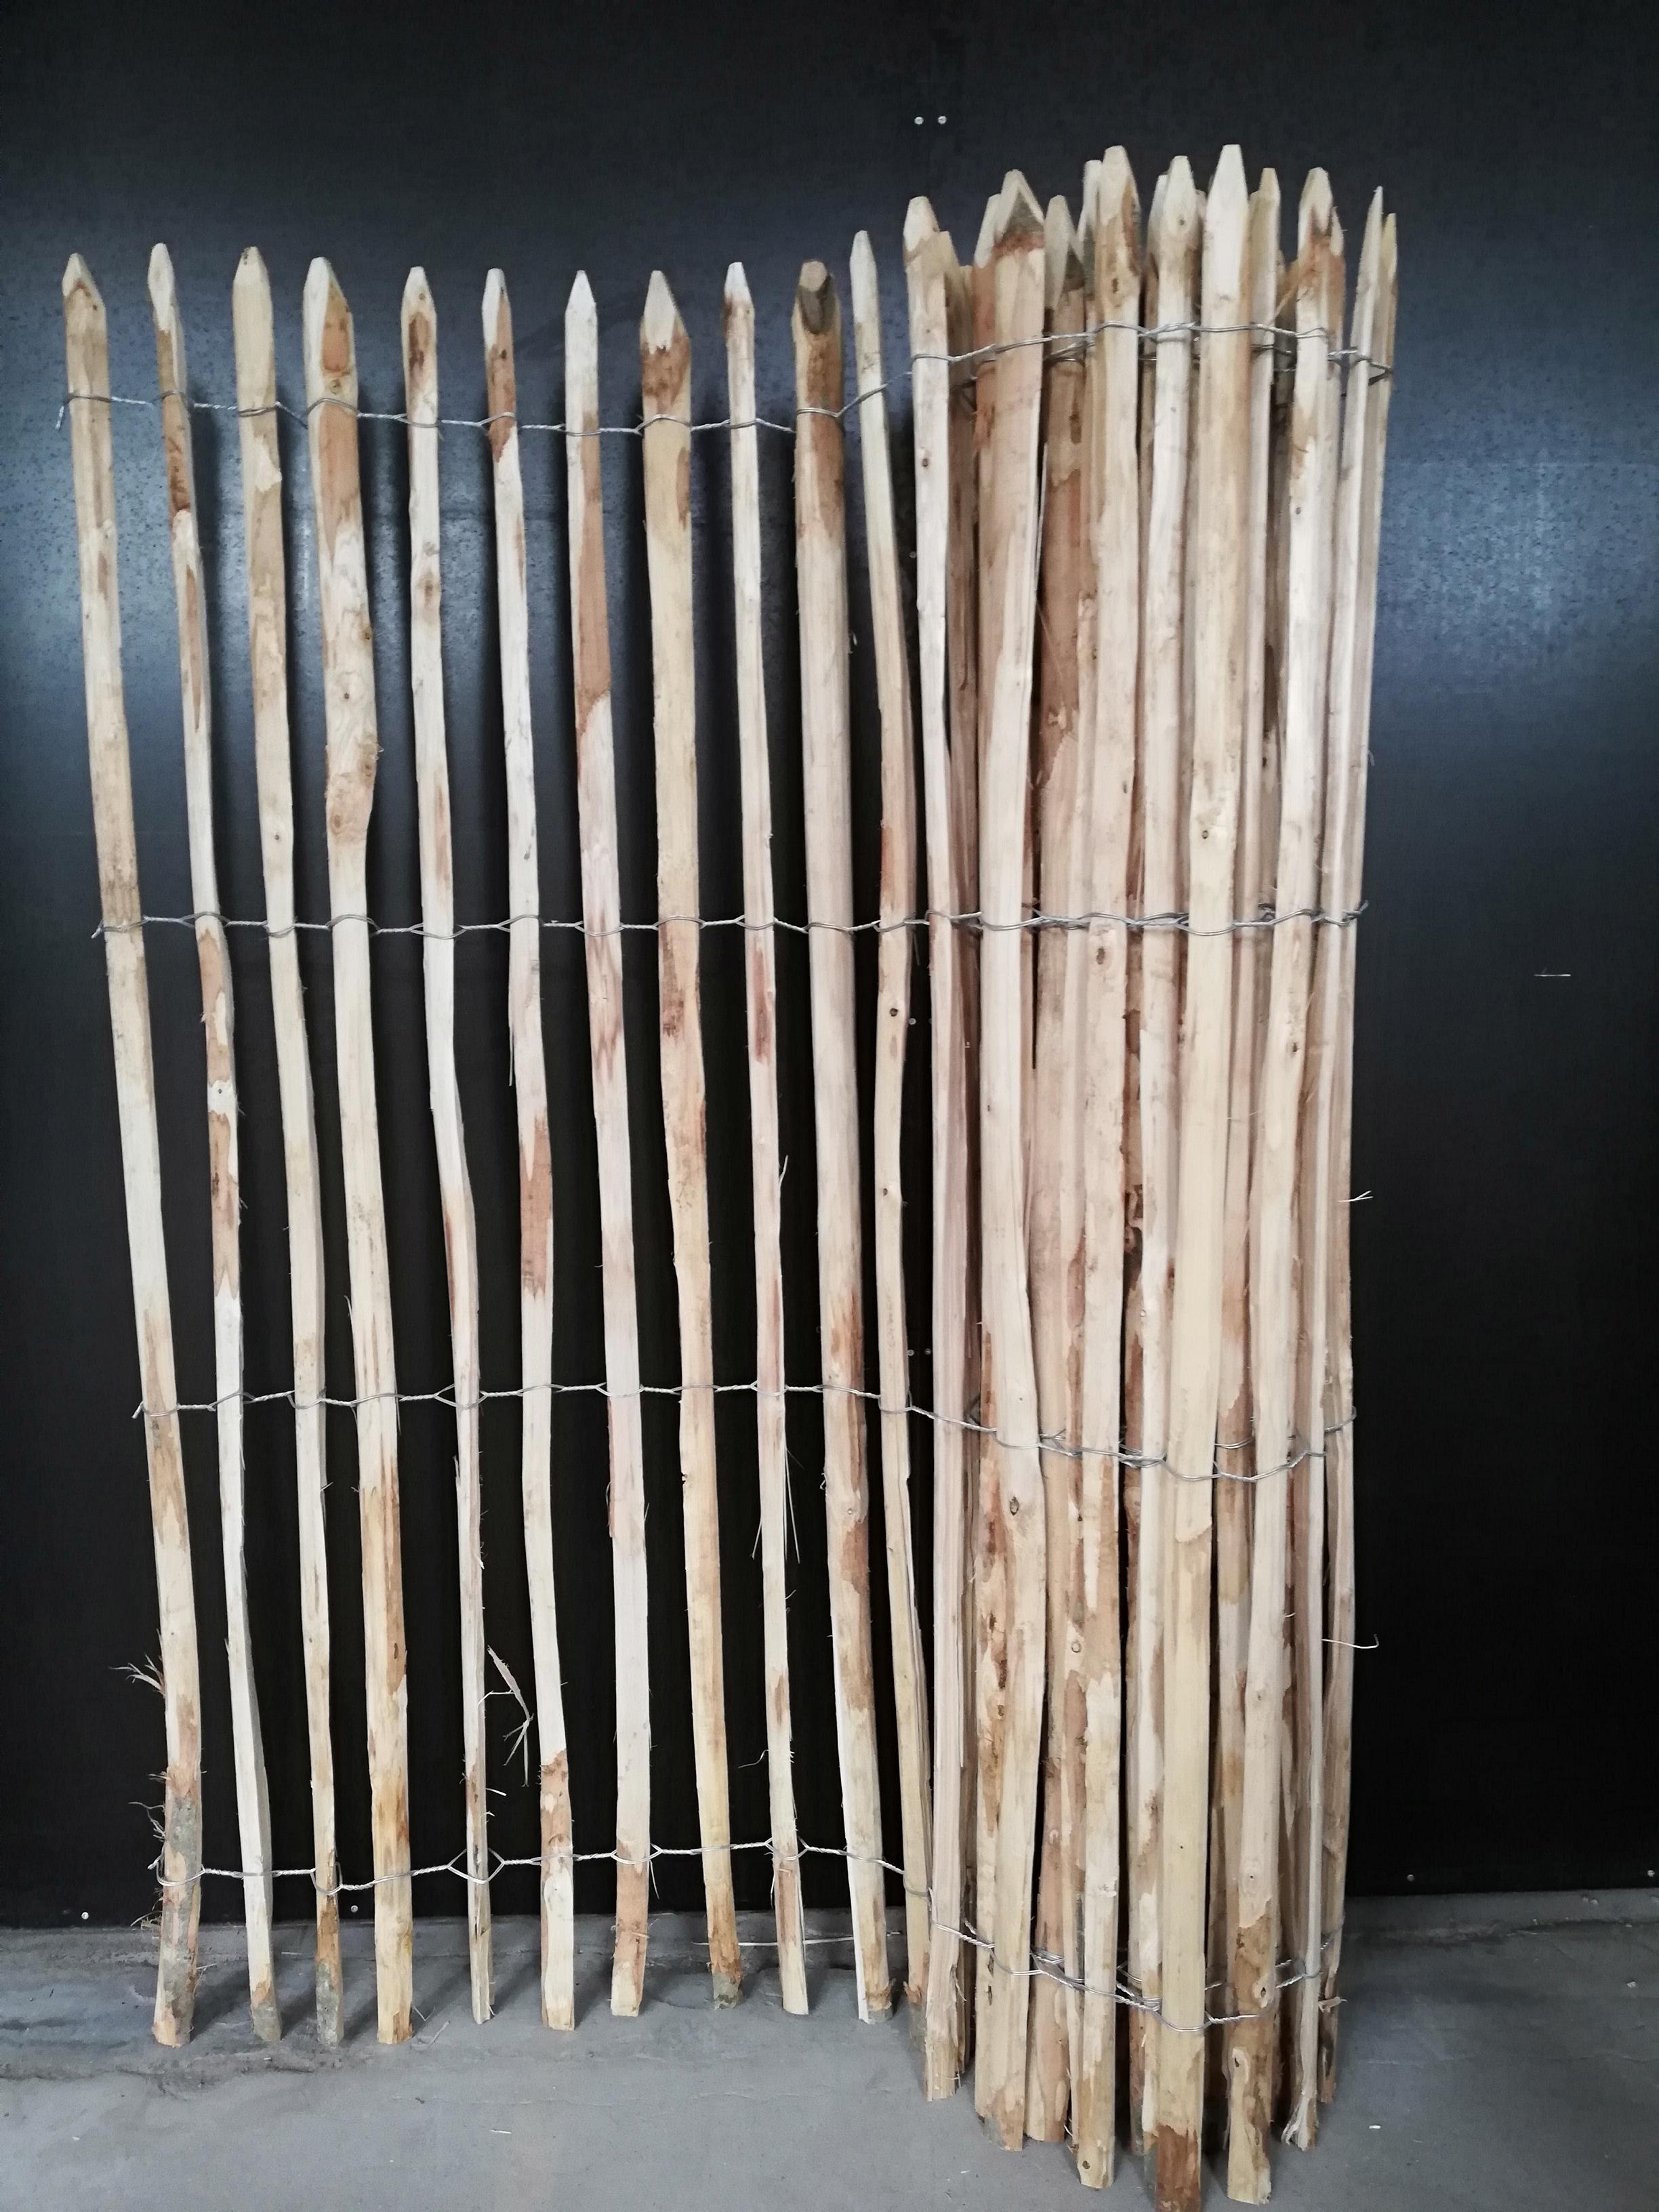 175 183 cm hoch staketenzaun natur pro kastanie shop. Black Bedroom Furniture Sets. Home Design Ideas